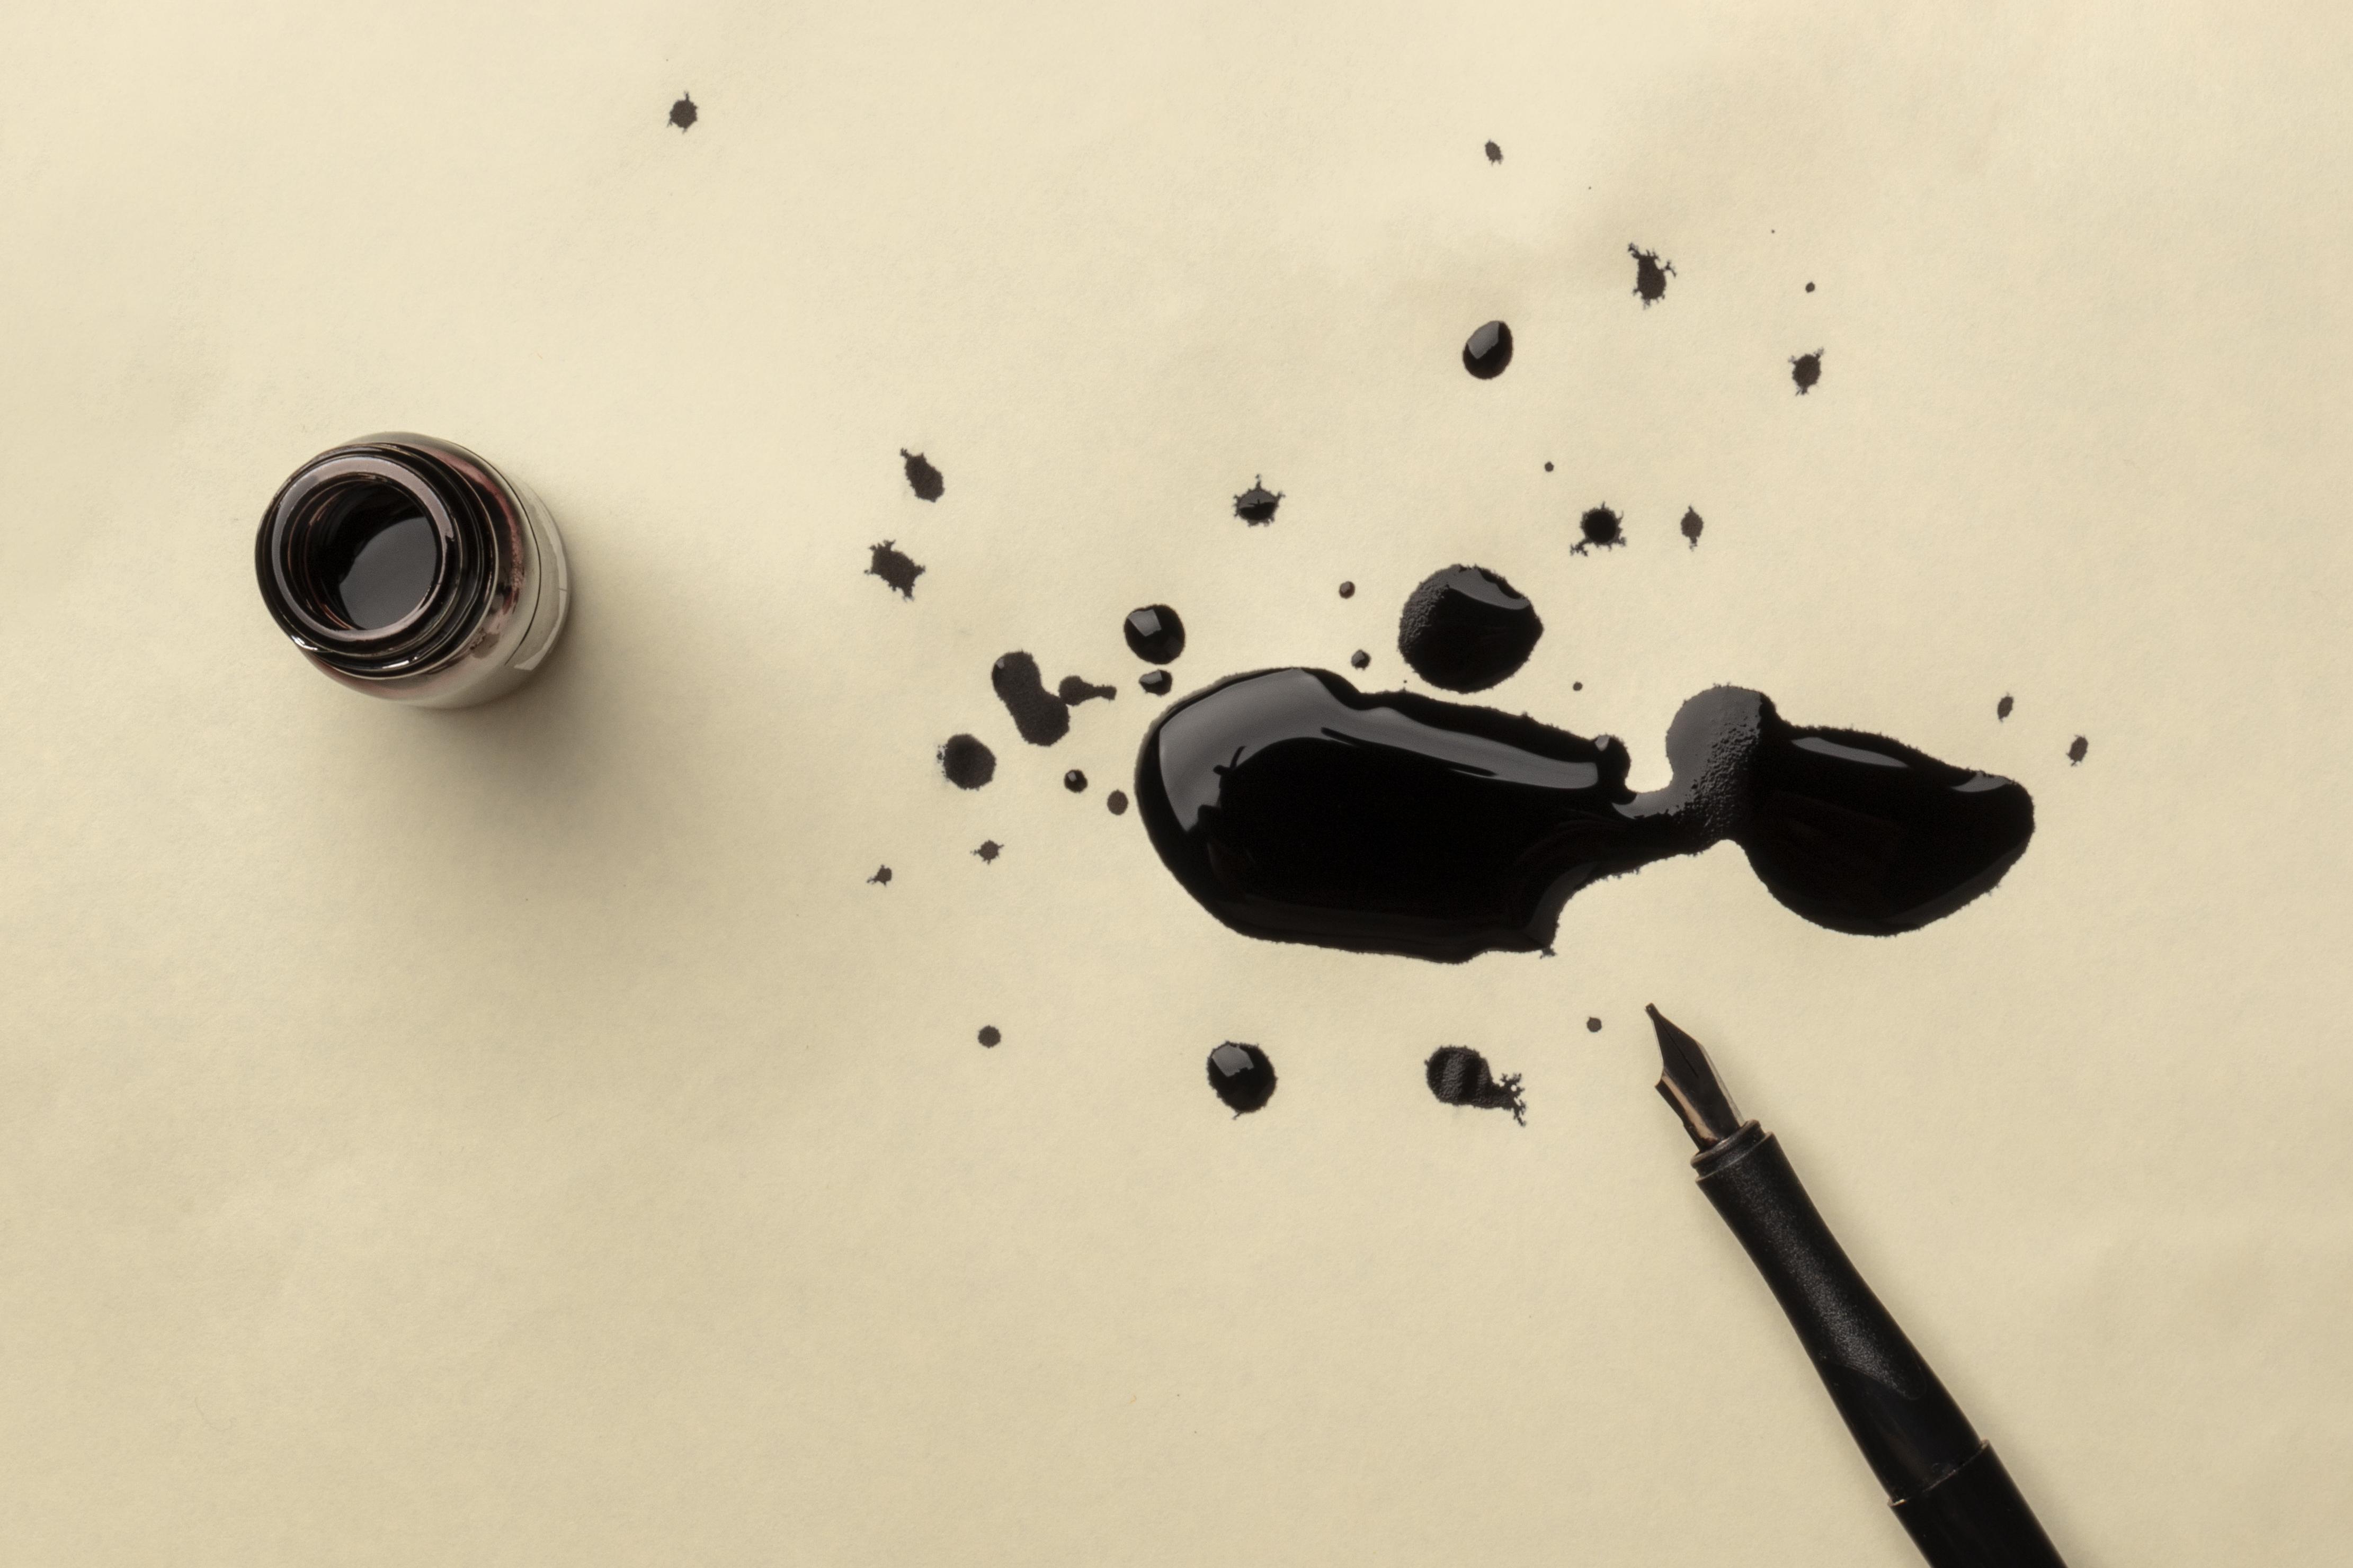 Cómo Remover Tinta De Una Hoja De Papel Sin Dañarla